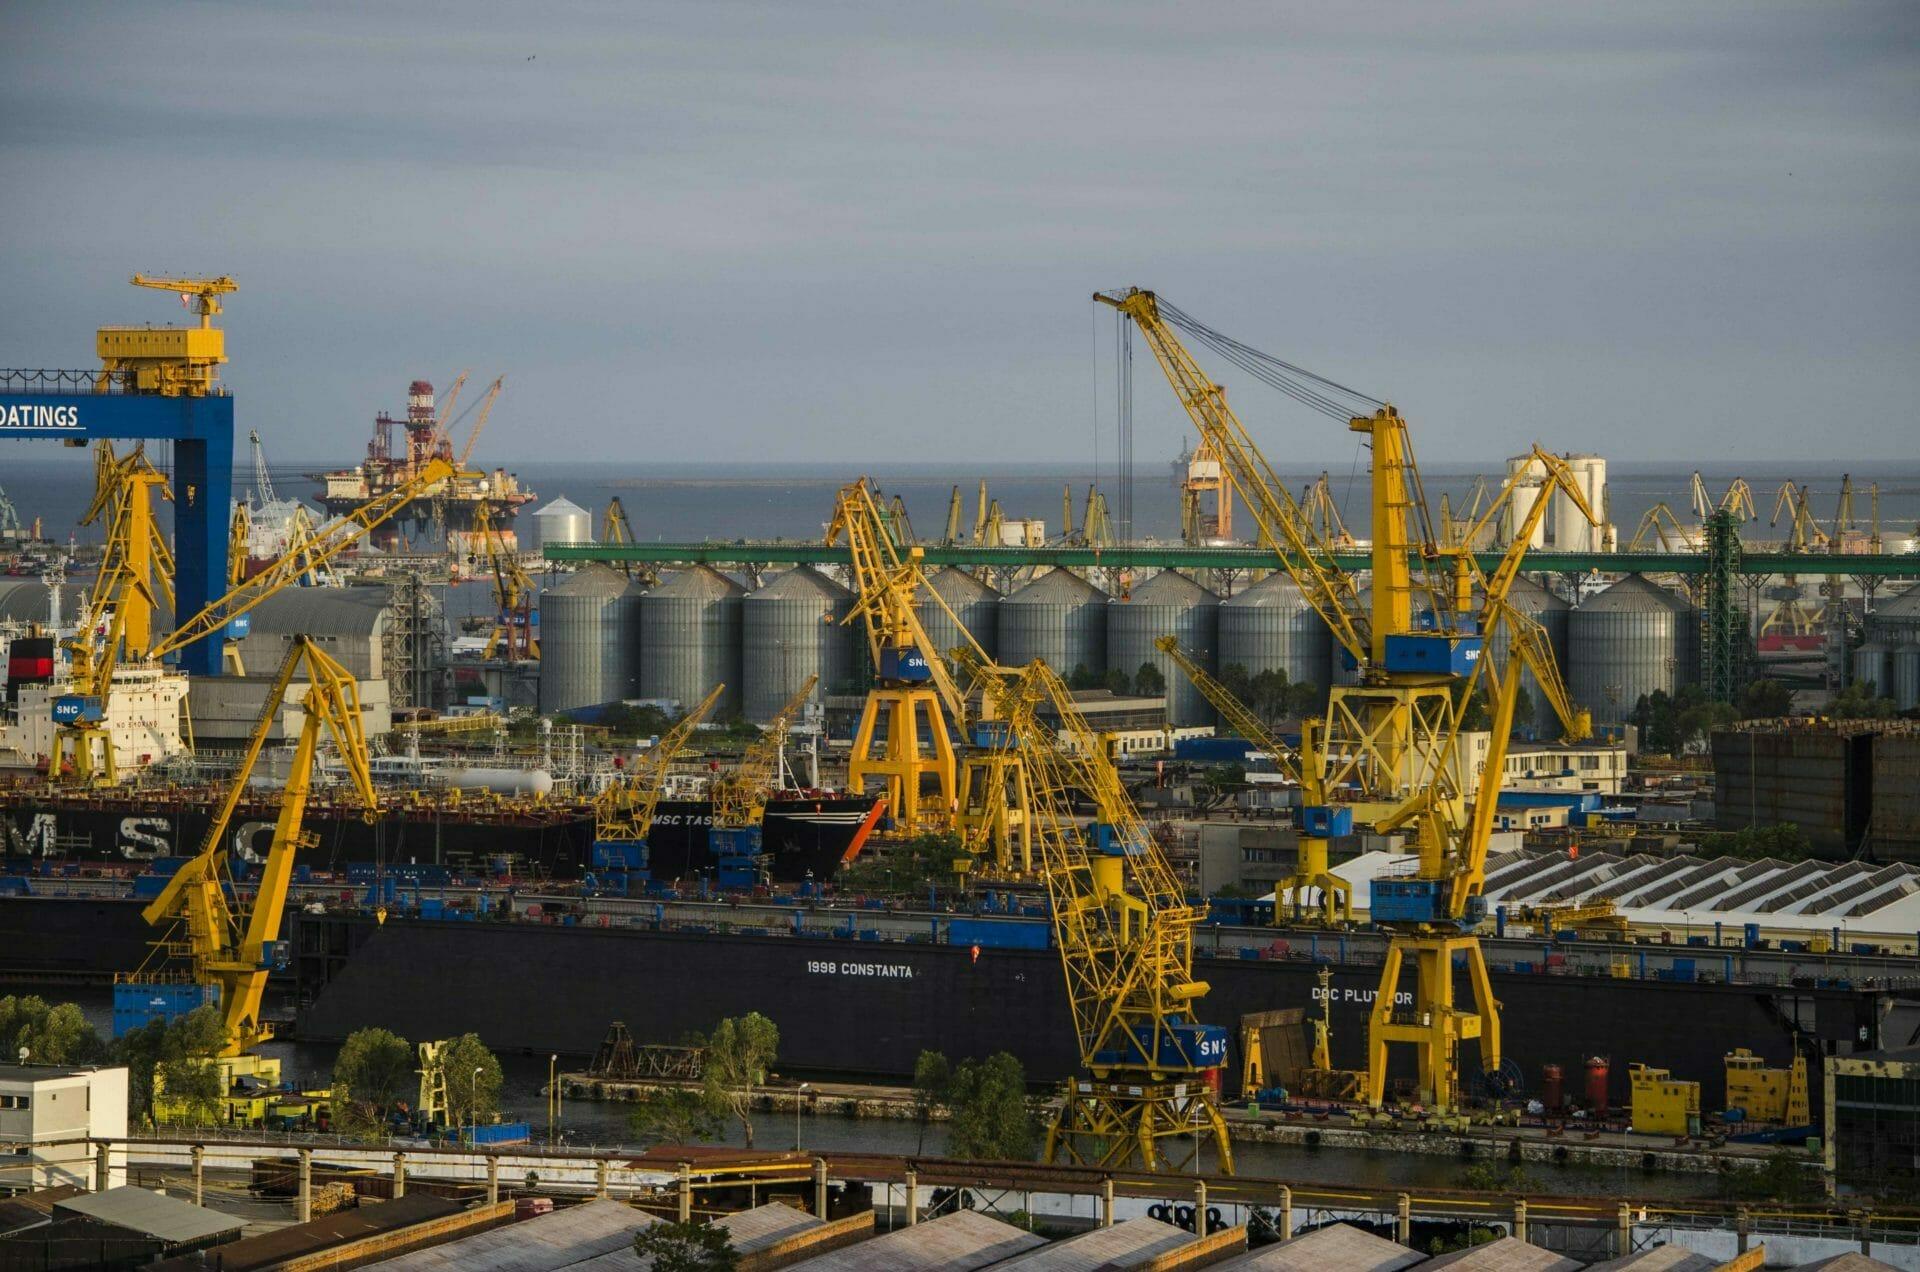 Administraţia Porturilor Maritime Constanţa: Traficul de mărfuri în porturile maritime de la începutul anului a depăşit 32 de milioane de tone, cu o creştere de 8%